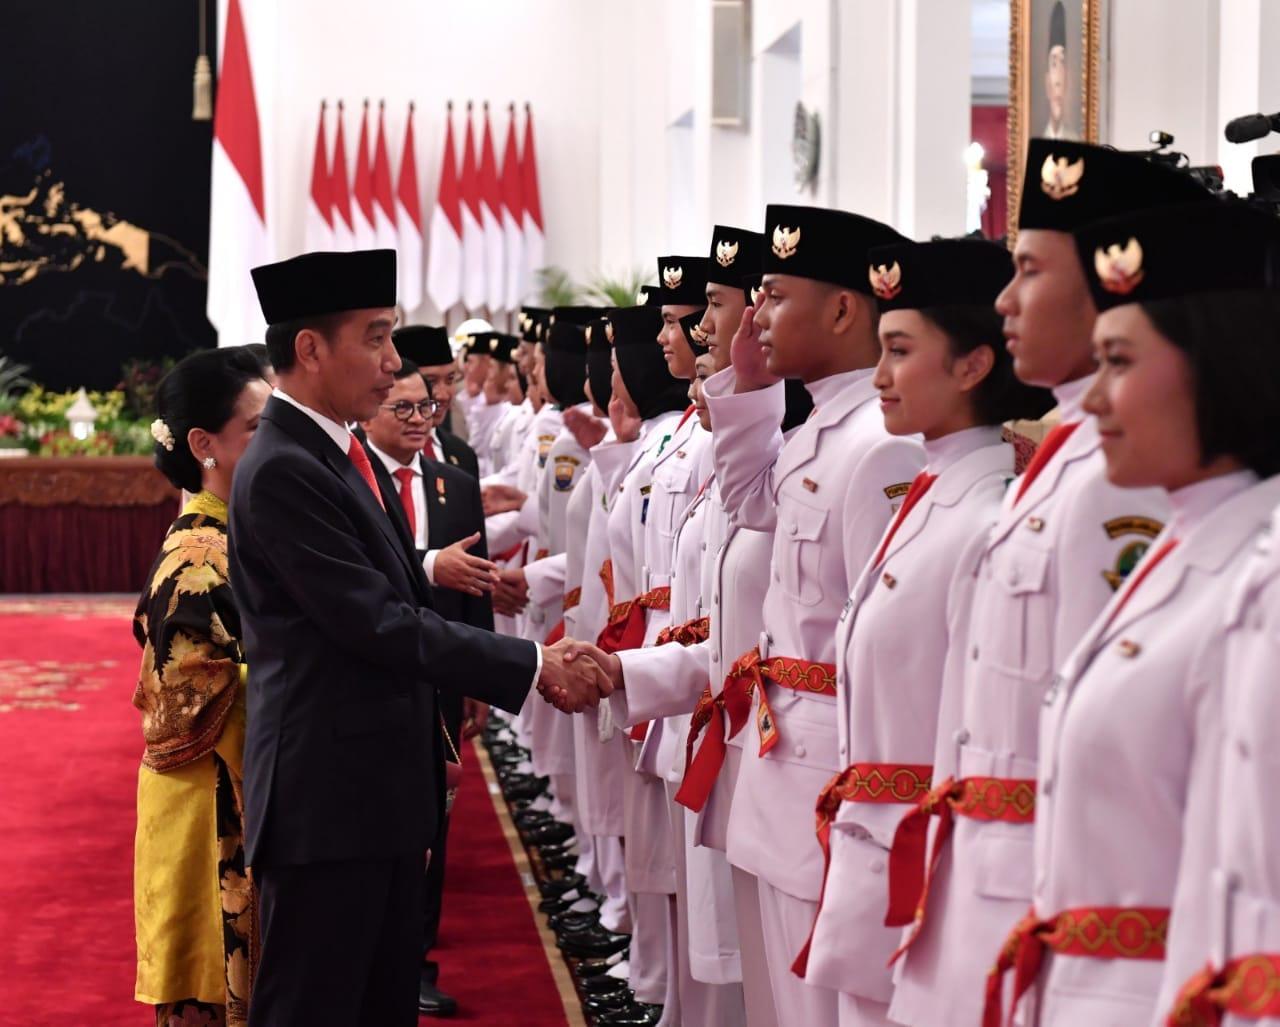 presiden-jokowi-kukuhkan-anggota-paskibraka-2018-di-istana-negara-11